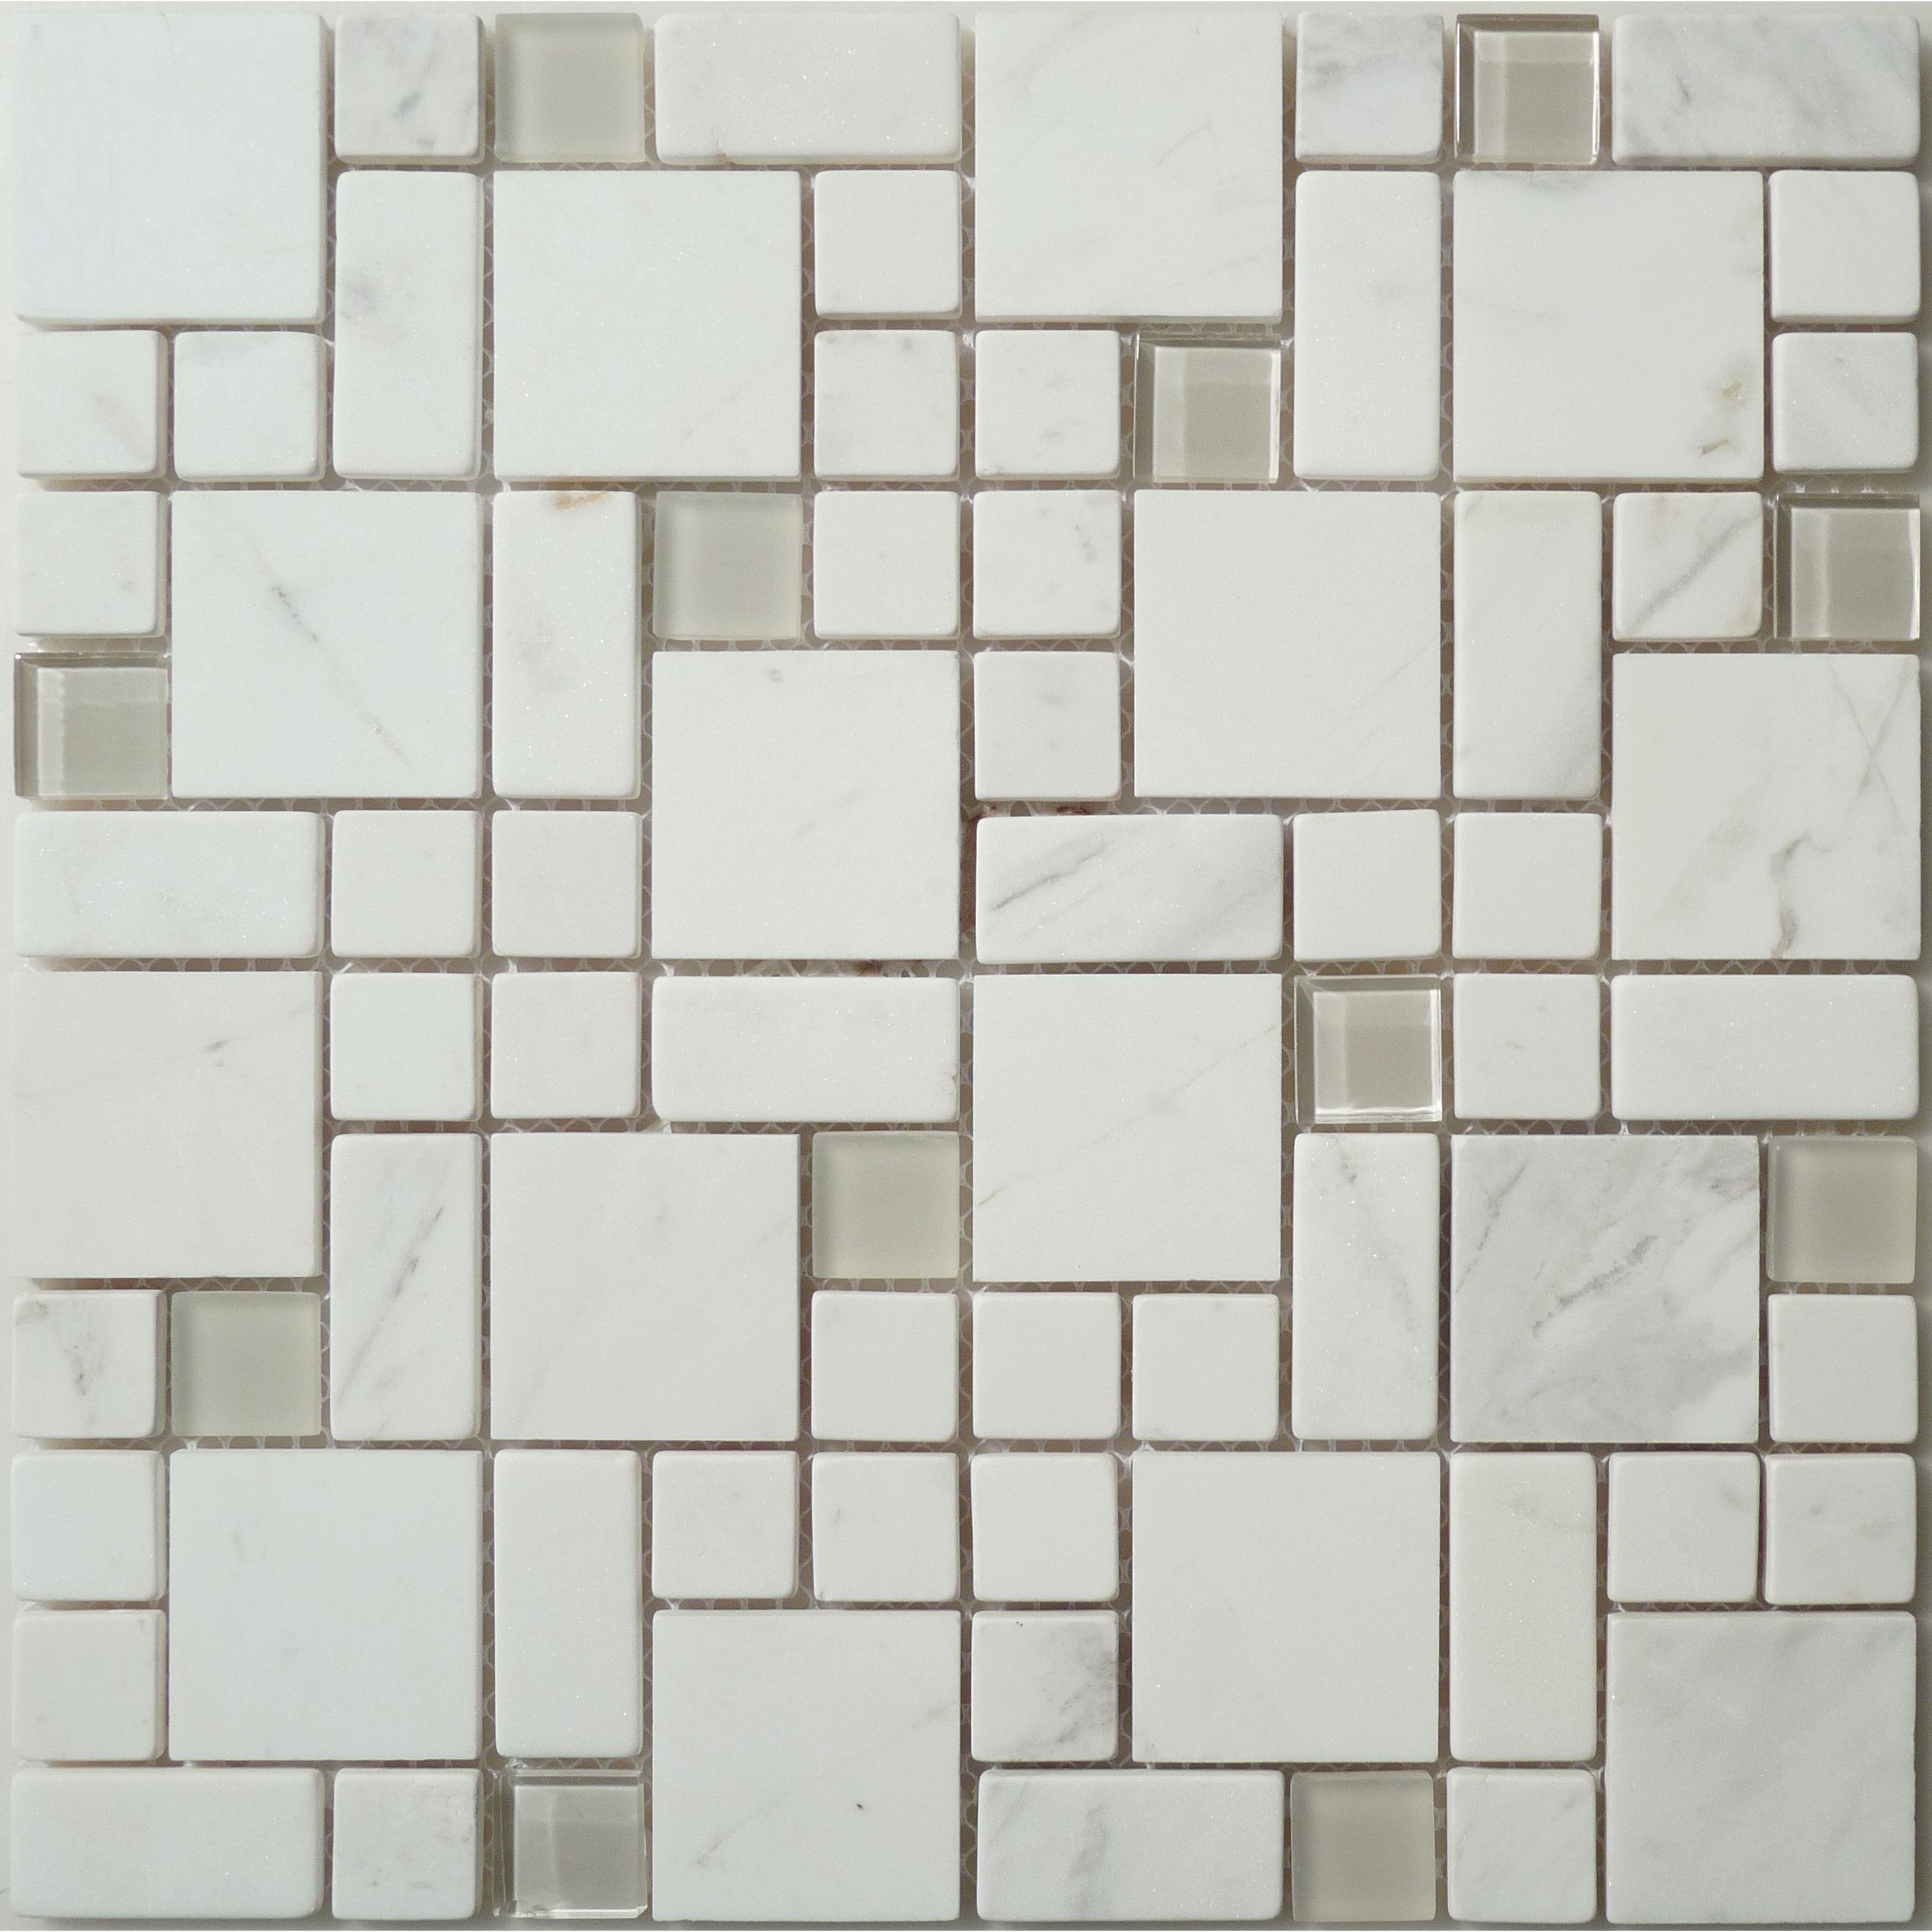 Sheet Size 12 Quot X 12 Quot Tile Size 1 X2f 2 Quot X 3 7 X2f 8 Quot Tiles Per Sheet 83 Tile Thi Stone Tiles Ceramic Wall Tiles Glass Tile